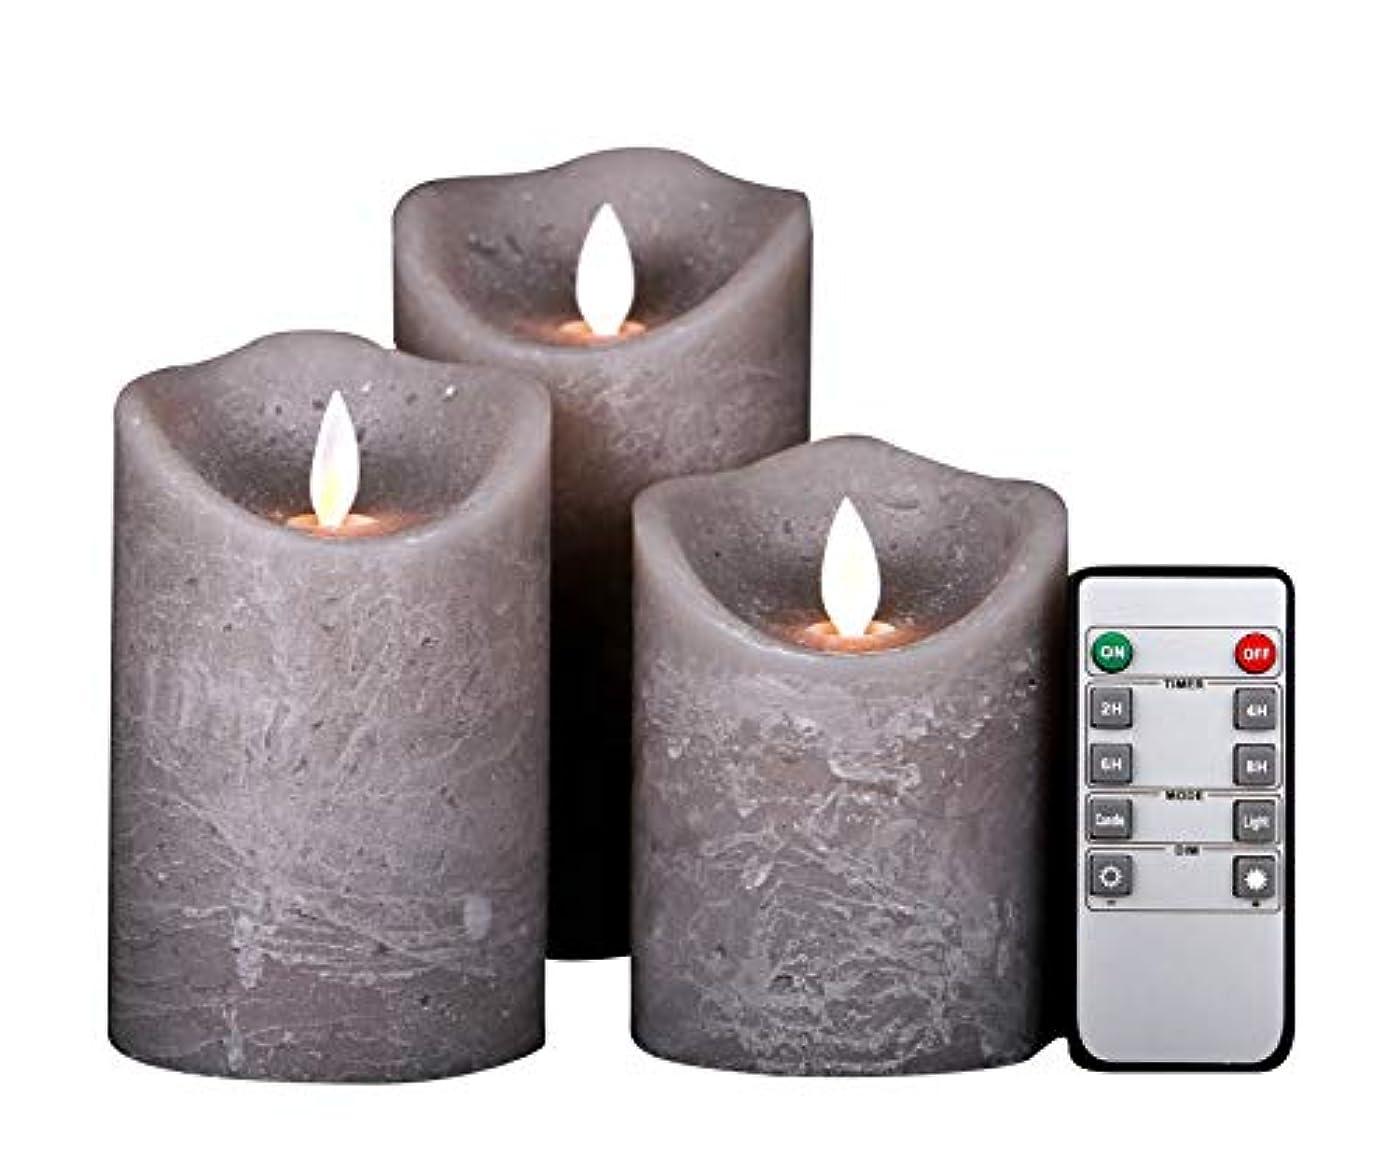 続編申し立てられた目立つKitch Aroma 揺らぐ炎 LED パーティーキャンドル リモート 癒し 雰囲気 3点セット 専用リモコン付き大理石の灰色